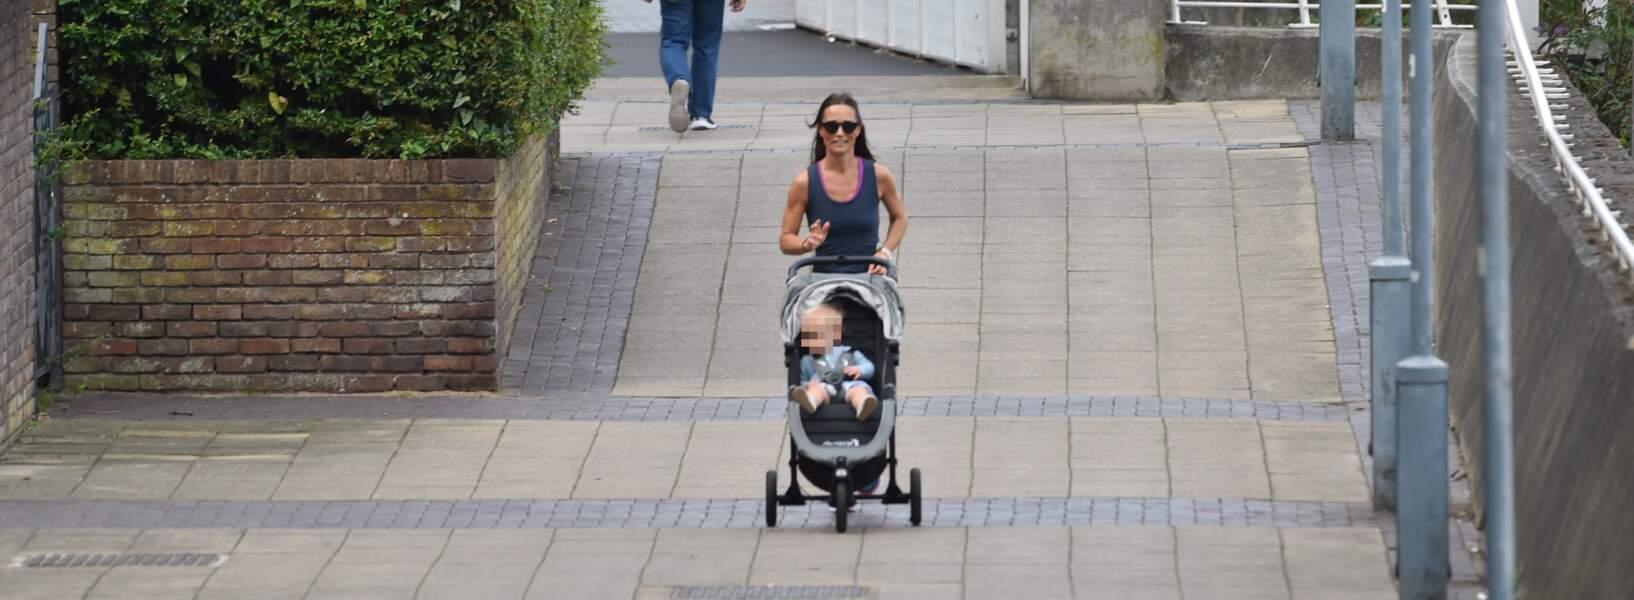 Pippa Middleton en mode exercice, en promenant Arthur, à Londres, le 6 août 2019.